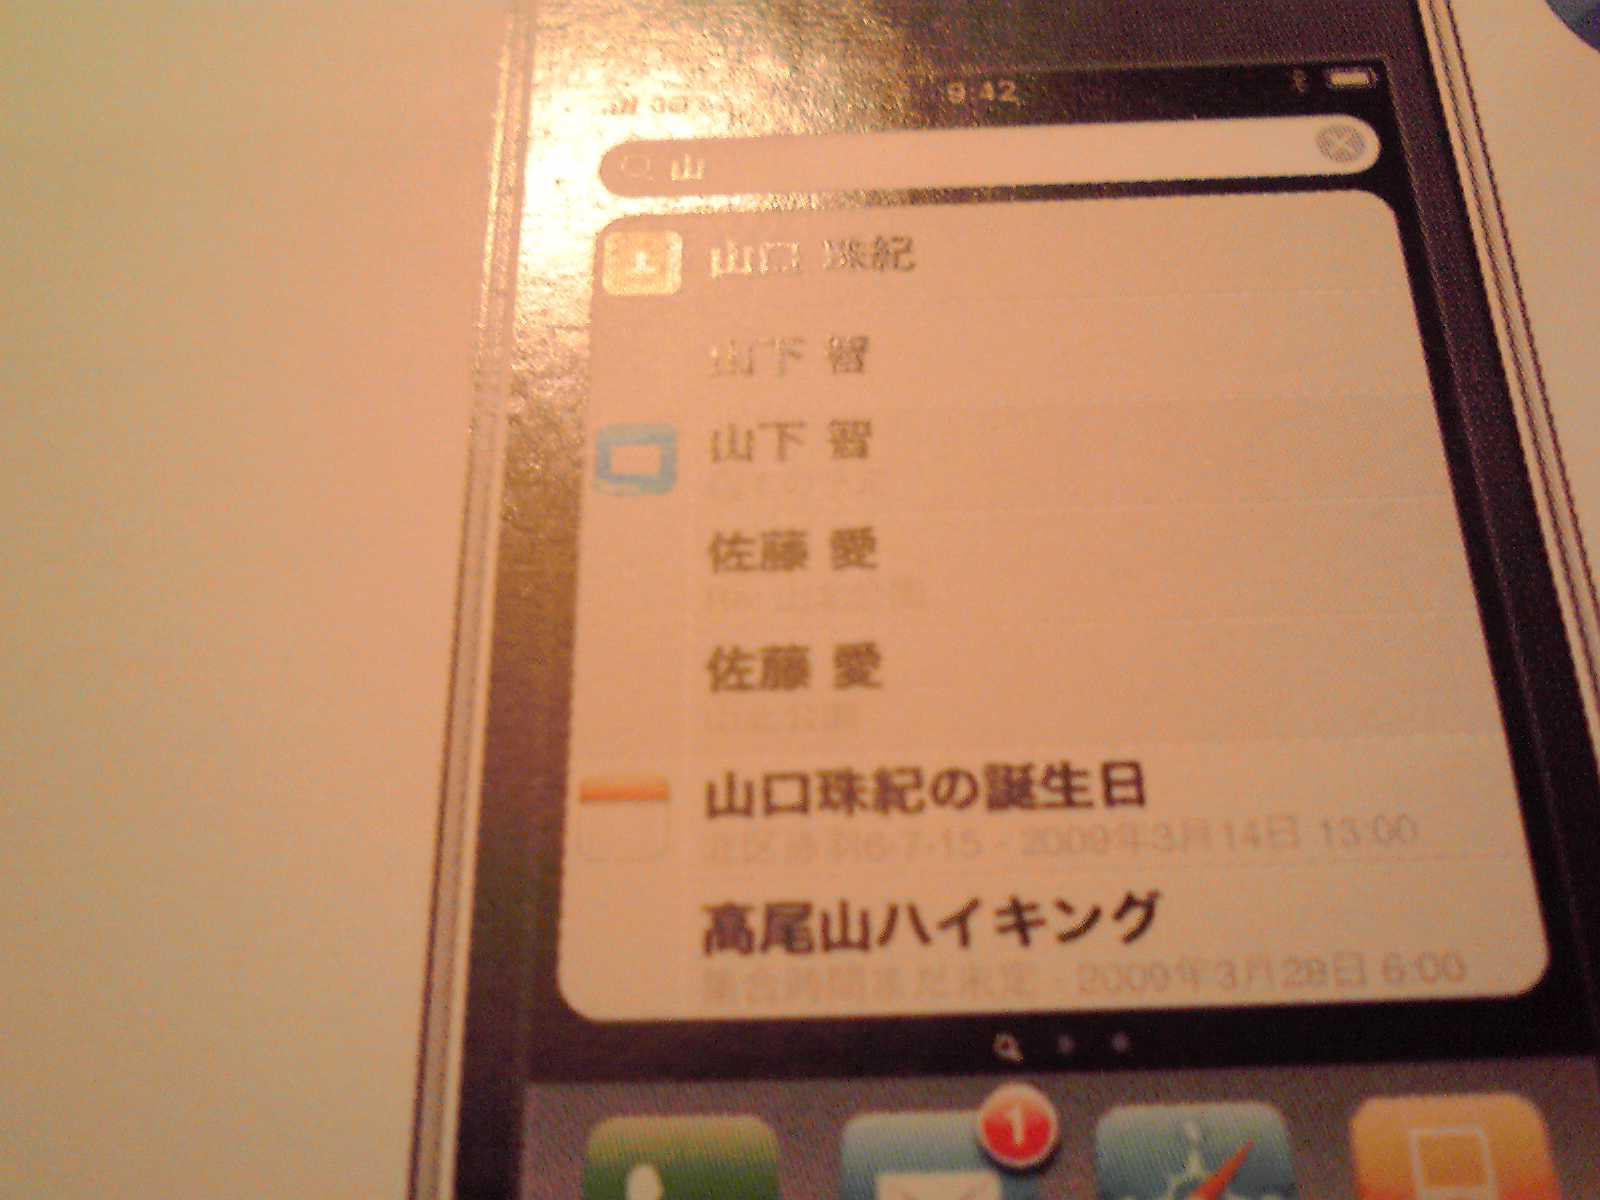 100122② iPhonパンフレットに載っちゃった!?_f0164842_18434656.jpg